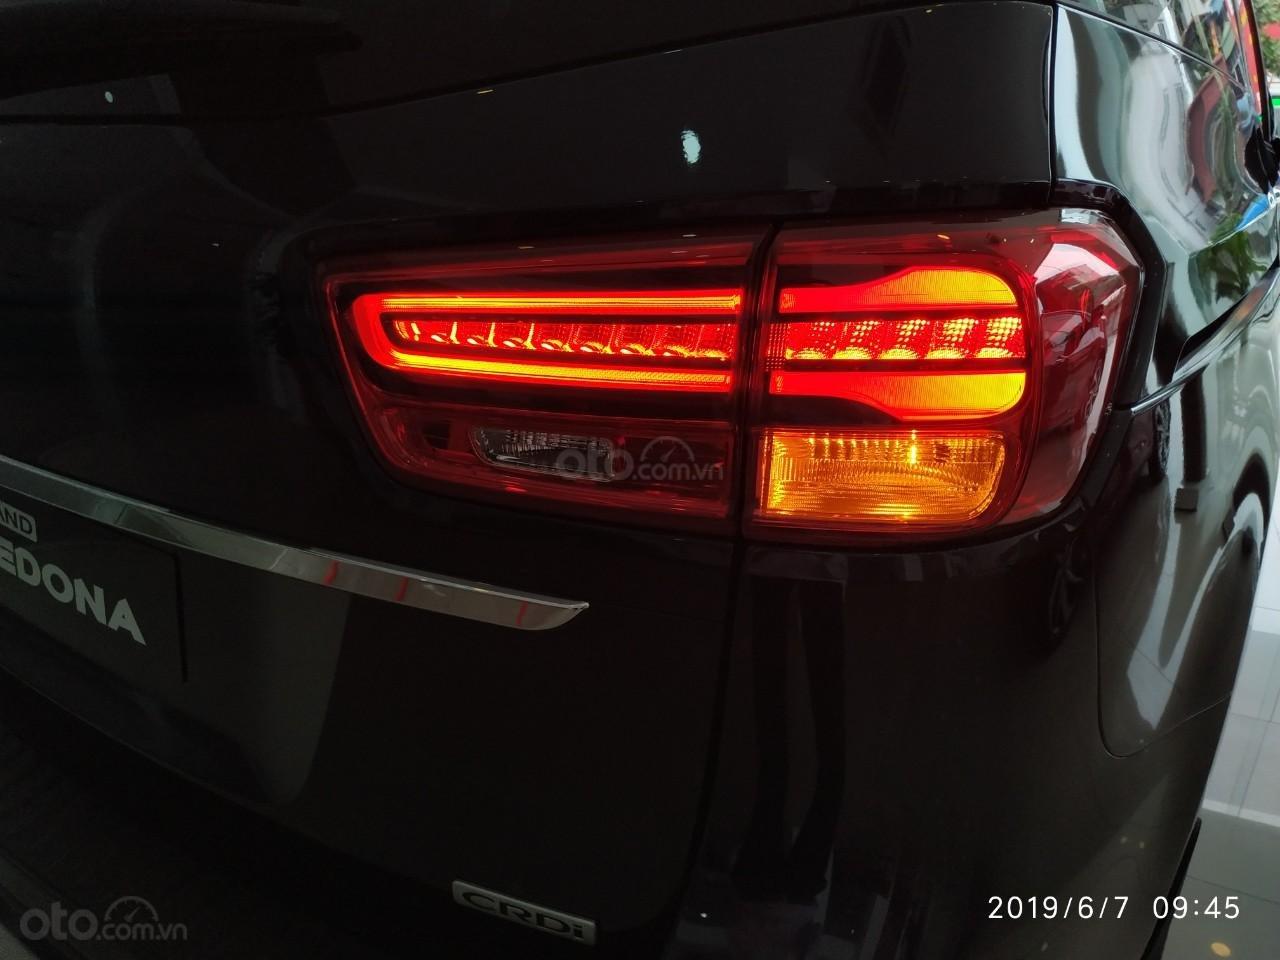 Bán ô tô Kia Sedona Luxury, Platinum D, Platinum G sản xuất năm 2019, màu xanh lam (6)